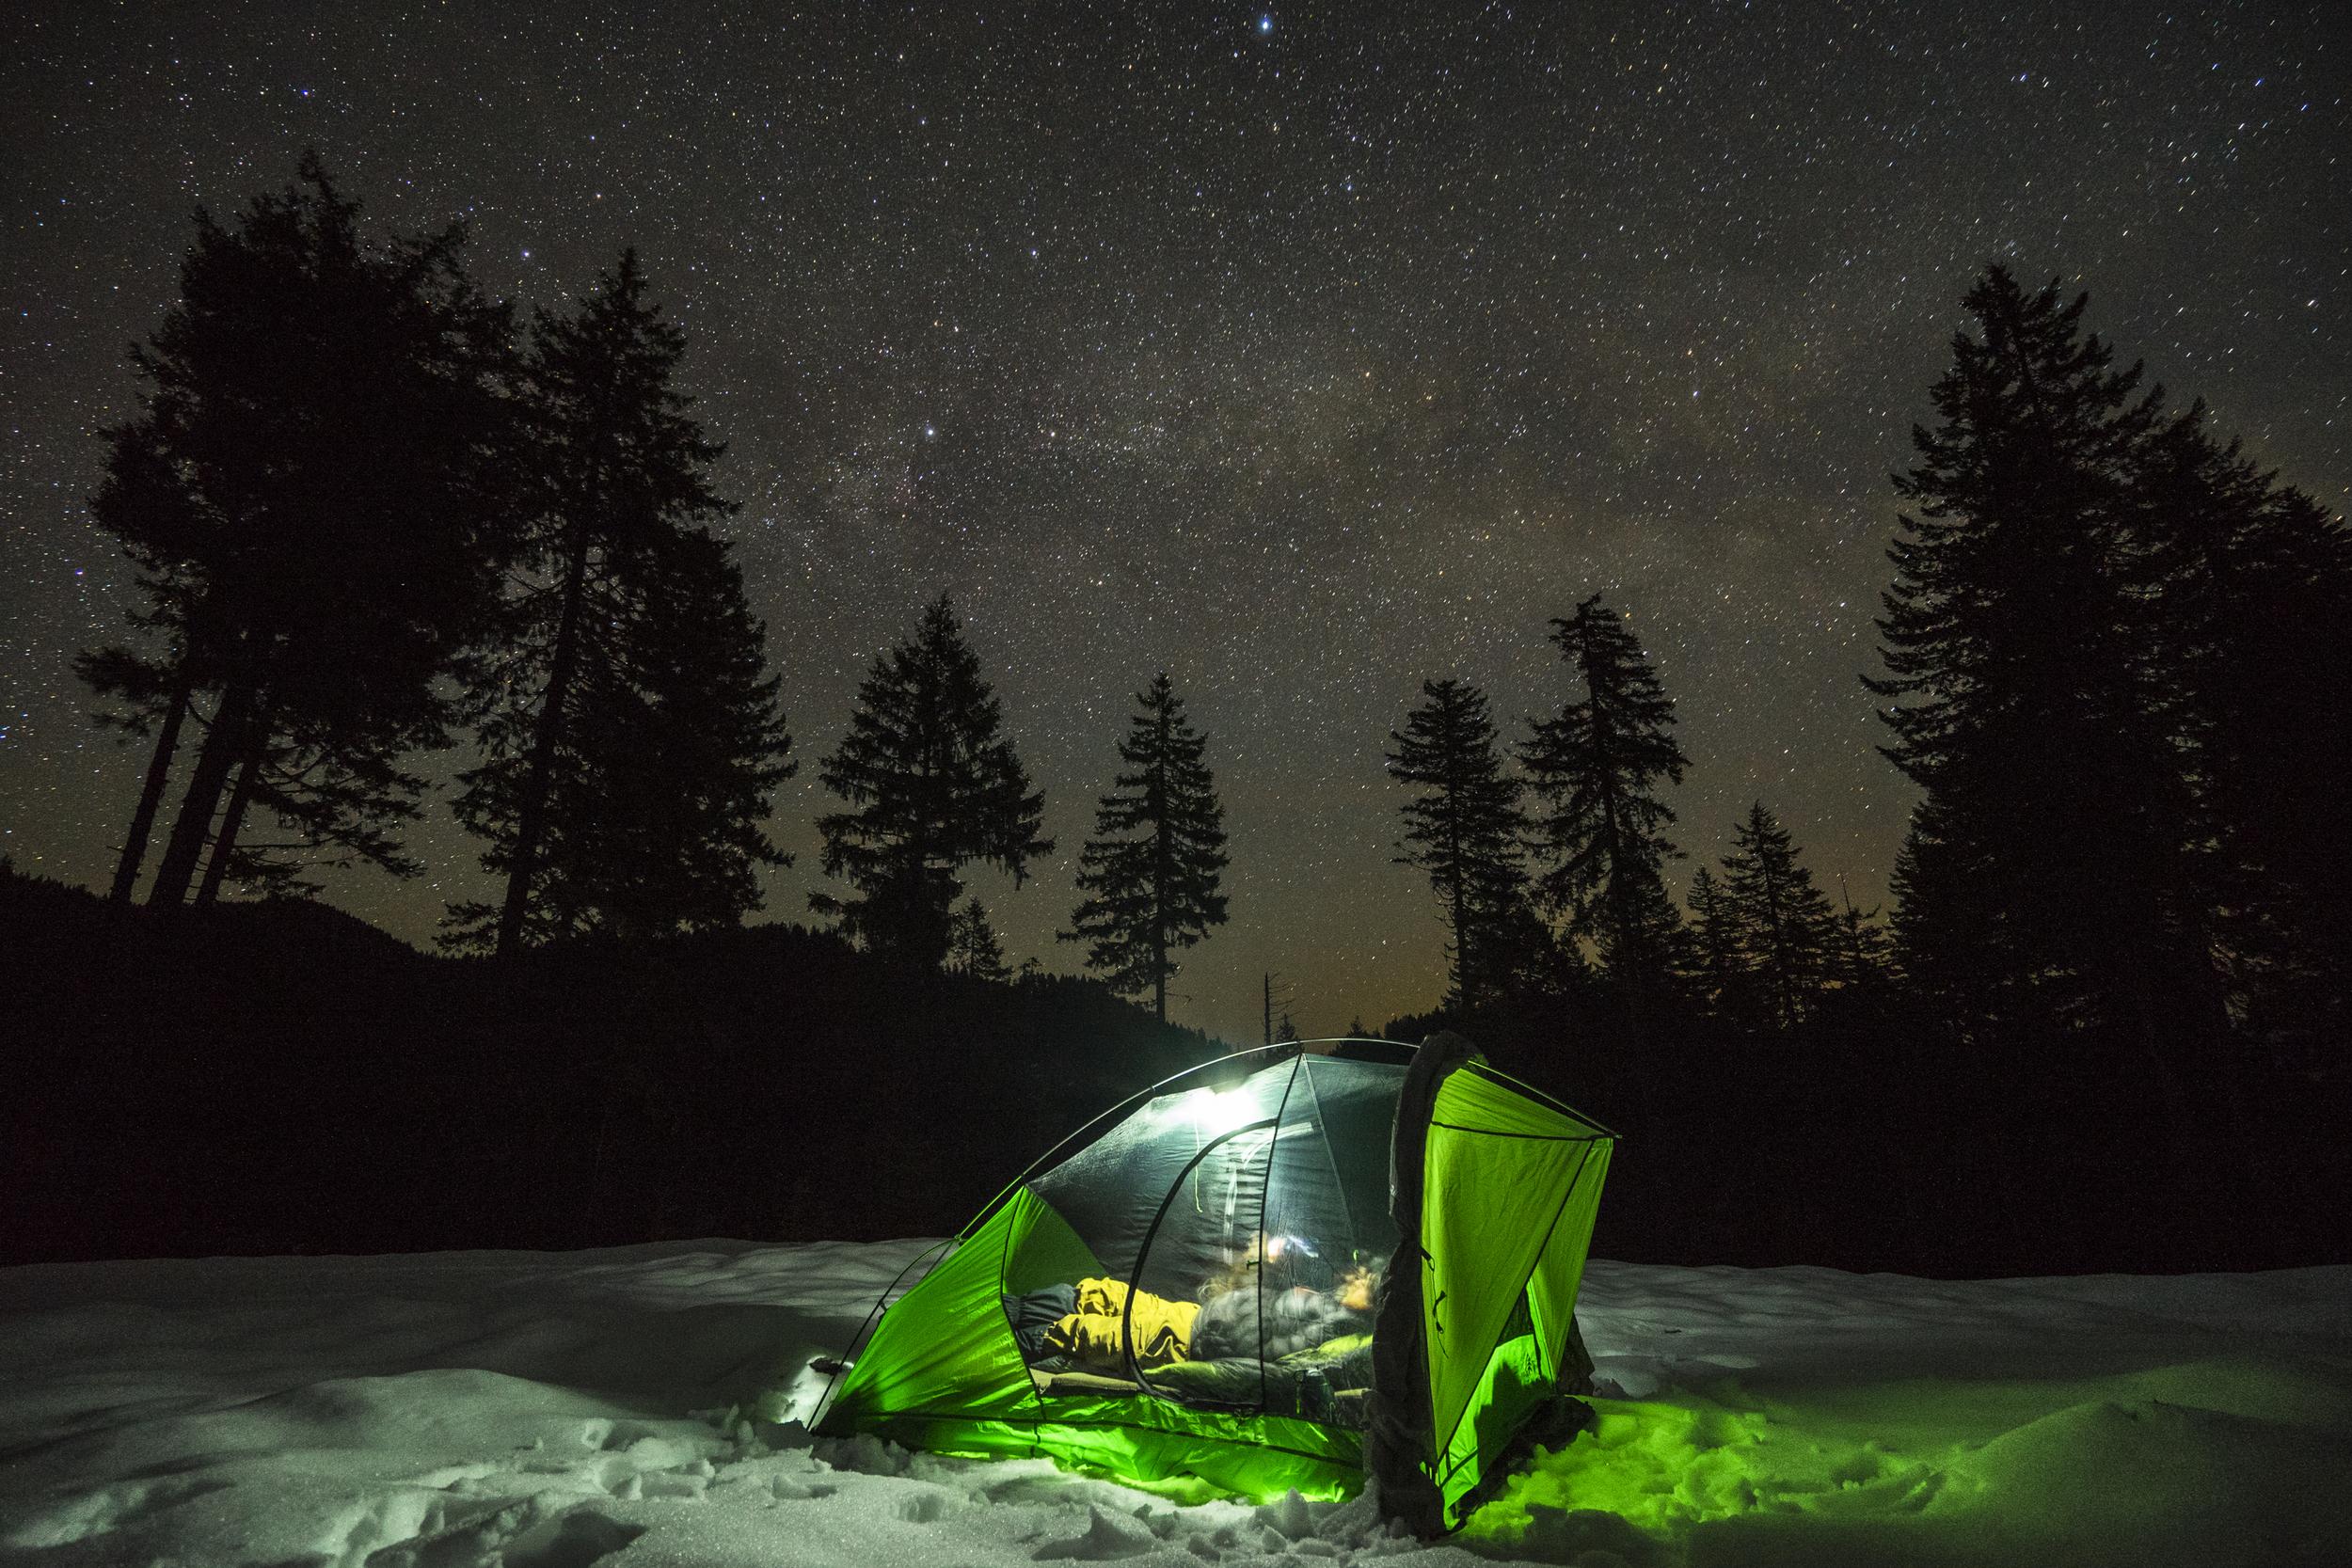 Milky Way over the Sierra Designs Nightwatch Tent.